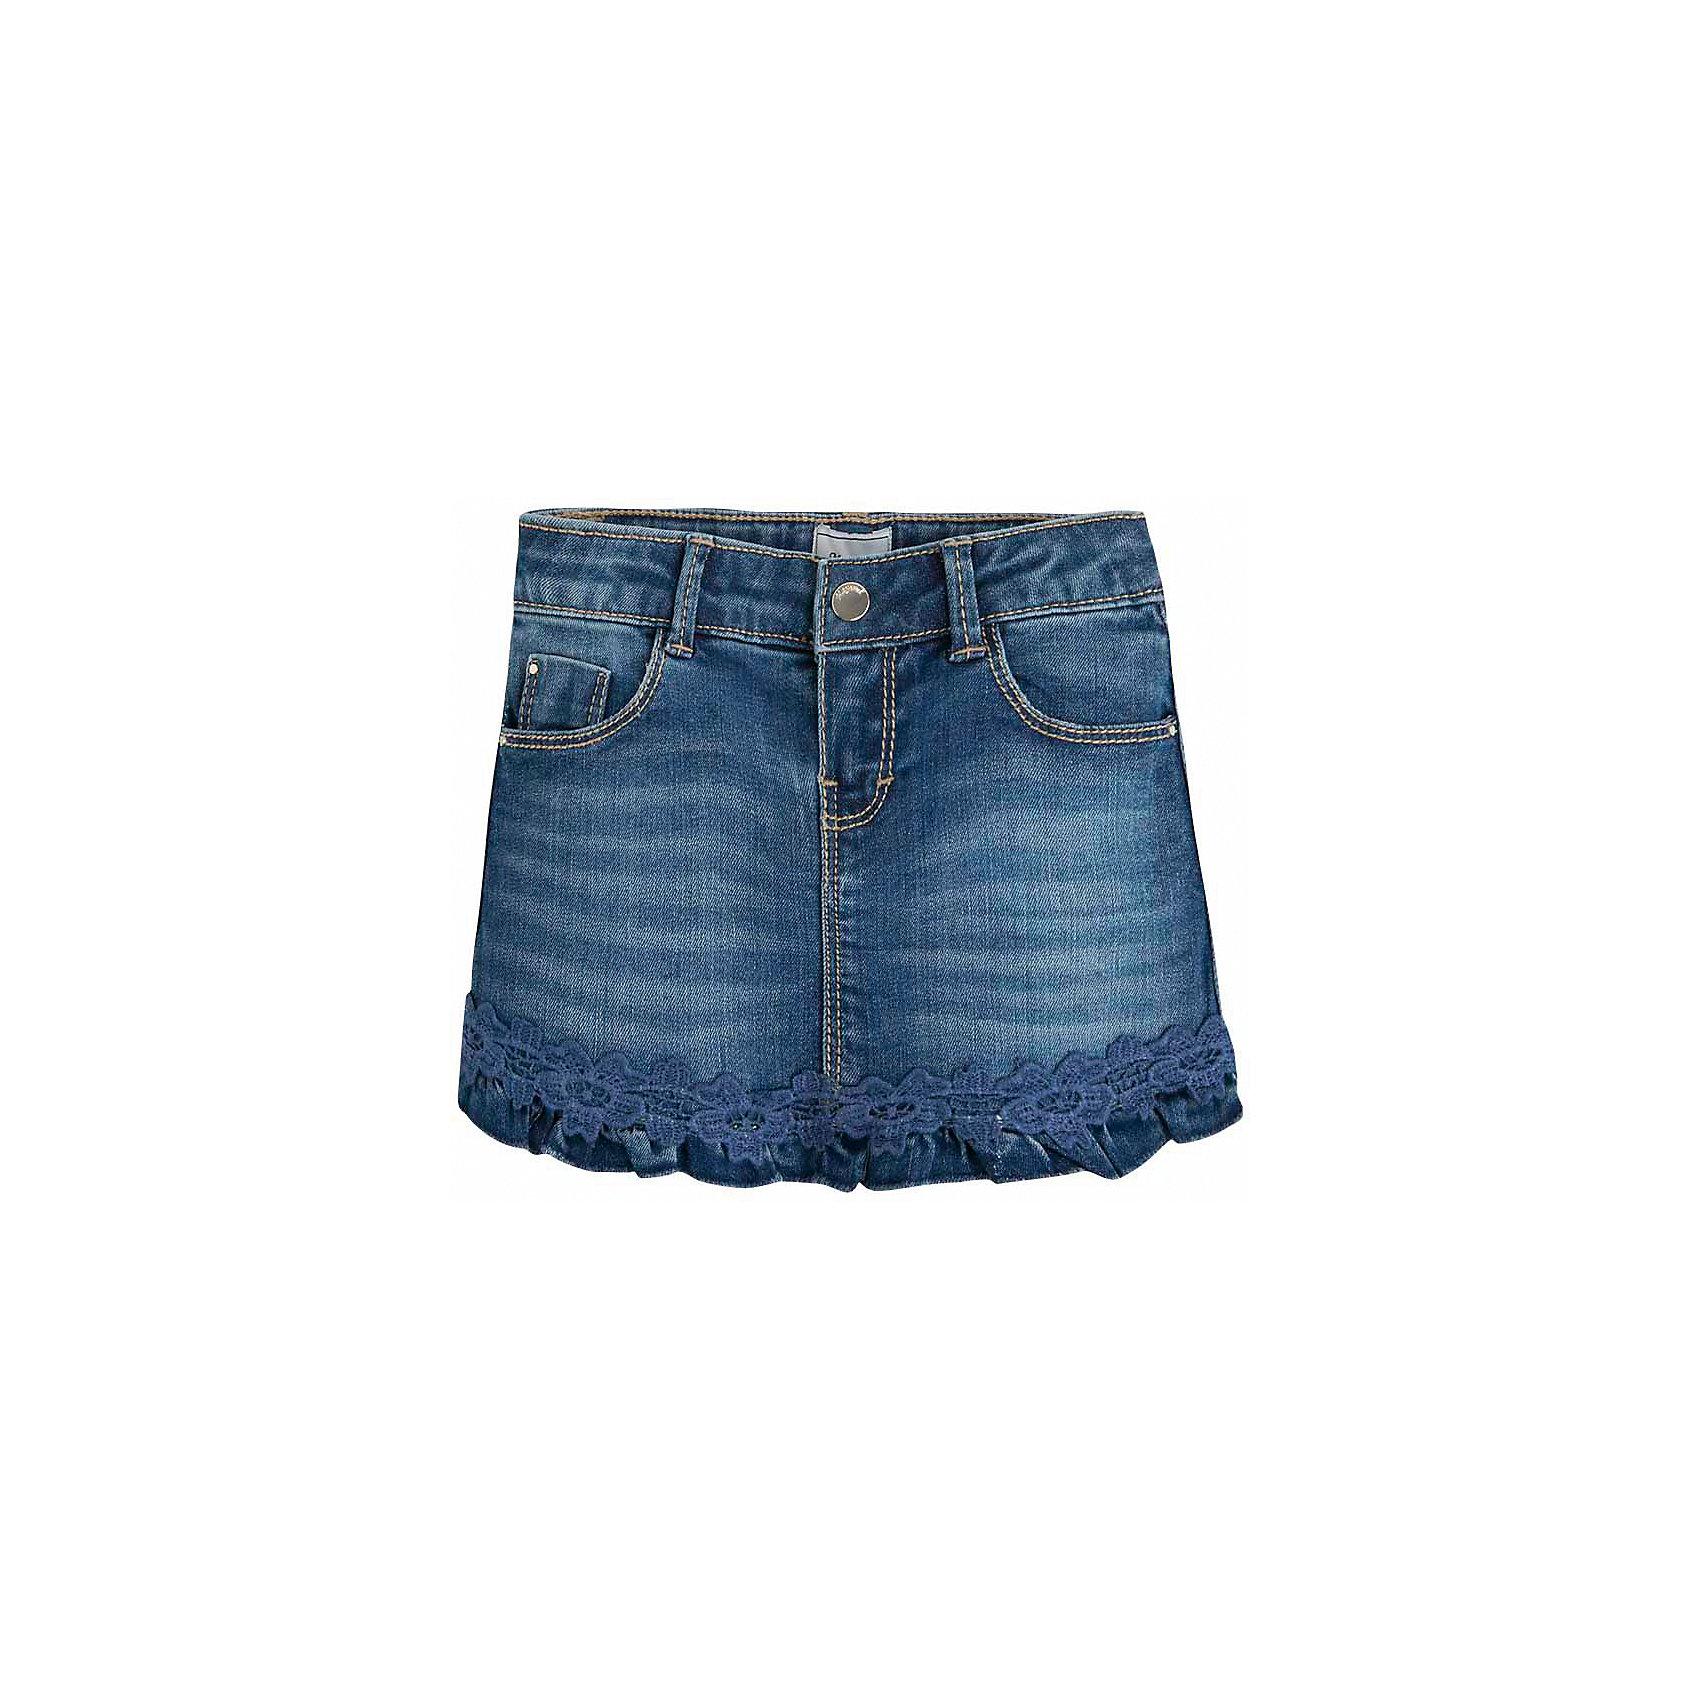 Юбка для девочки MayoralЮбка для девочки от известной испанской марки Mayoral <br><br>Джинсовая юбка от Mayoral - отличный вариант летней одежды для девочек! Выглядит нарядно и оригинально. Модель выполнена из качественных материалов, отлично сидит по фигуре.<br><br>Особенности модели:<br><br>- цвет: синий;<br>- украшена кружевом;<br>- есть карманы.<br><br>Дополнительная информация:<br><br>Состав: 98% хлопок, 2% эластан<br><br>Юбку для девочки Mayoral (Майорал) можно купить в нашем магазине.<br><br>Ширина мм: 207<br>Глубина мм: 10<br>Высота мм: 189<br>Вес г: 183<br>Цвет: голубой<br>Возраст от месяцев: 60<br>Возраст до месяцев: 72<br>Пол: Женский<br>Возраст: Детский<br>Размер: 116,98,104,110,128,122,134<br>SKU: 4543017